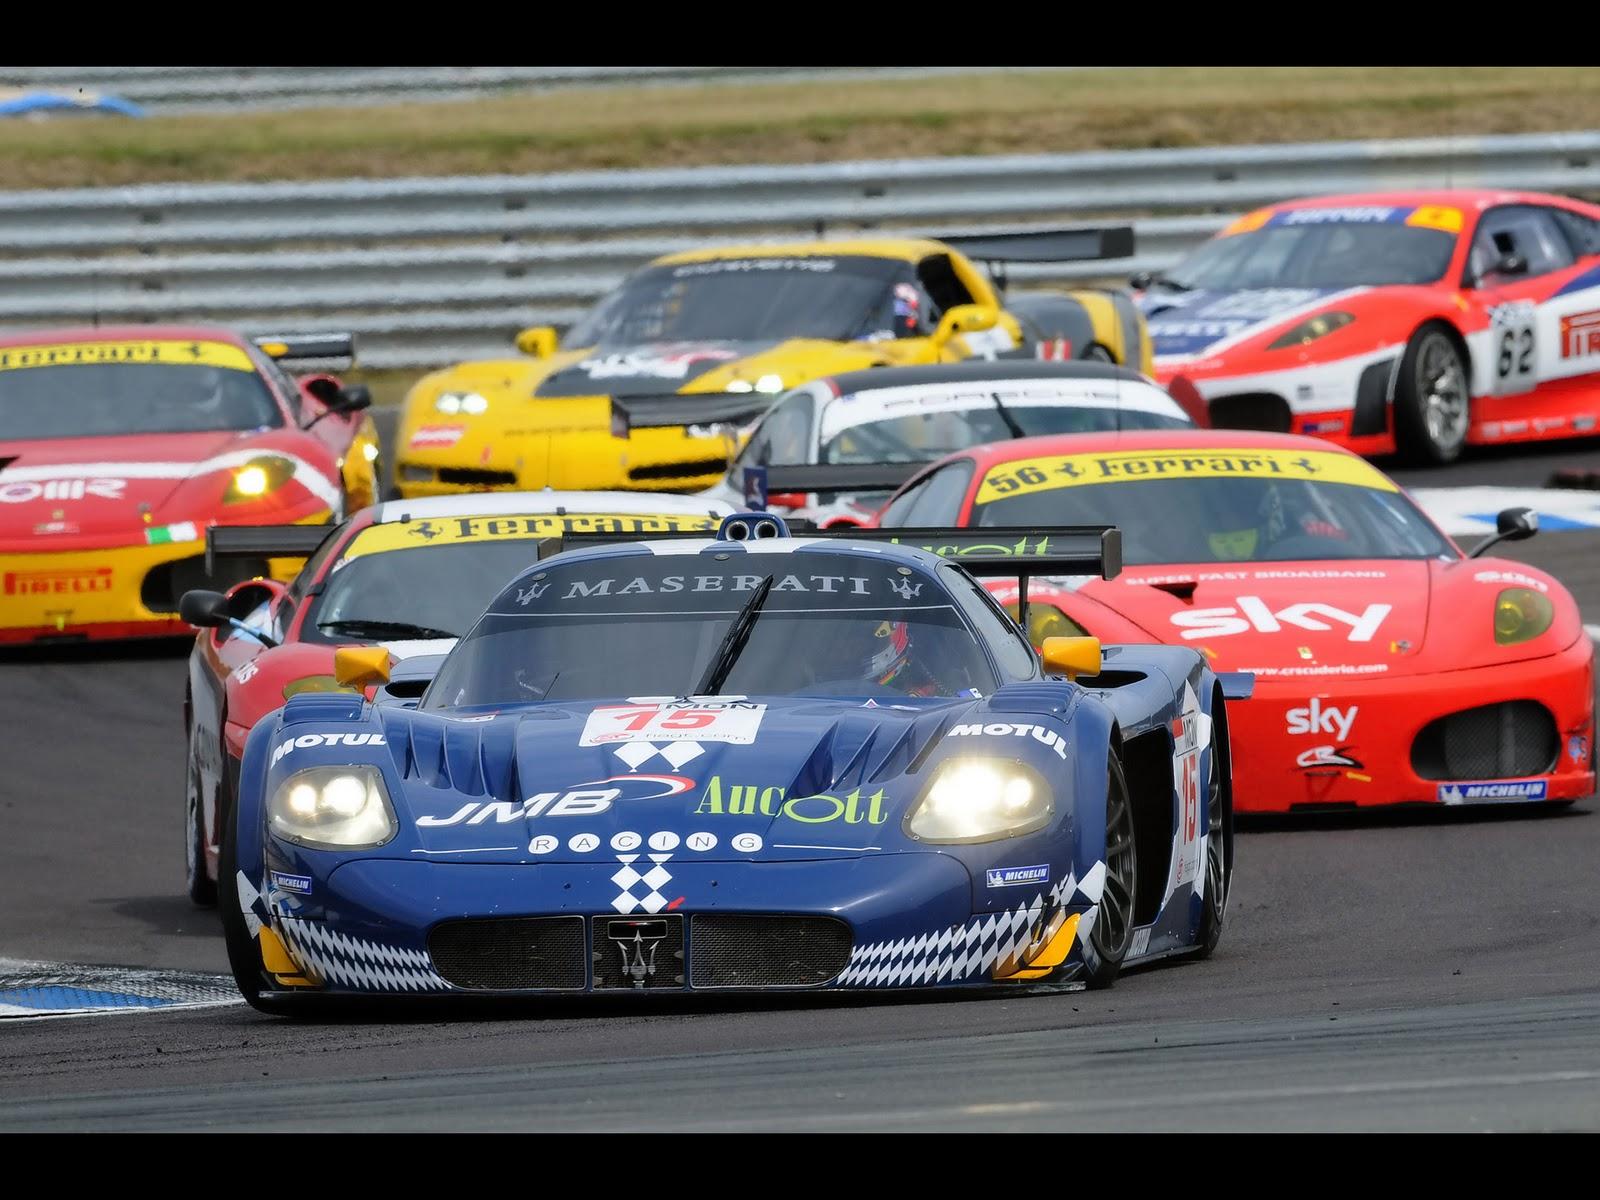 http://2.bp.blogspot.com/__QDsMCtTOGg/TRdY-rk4mMI/AAAAAAAALtM/sbfsF44YnqE/s1600/2008-Maserati-MC12-FIA-GT-Championship-Oschersleben-1920x1440.jpg